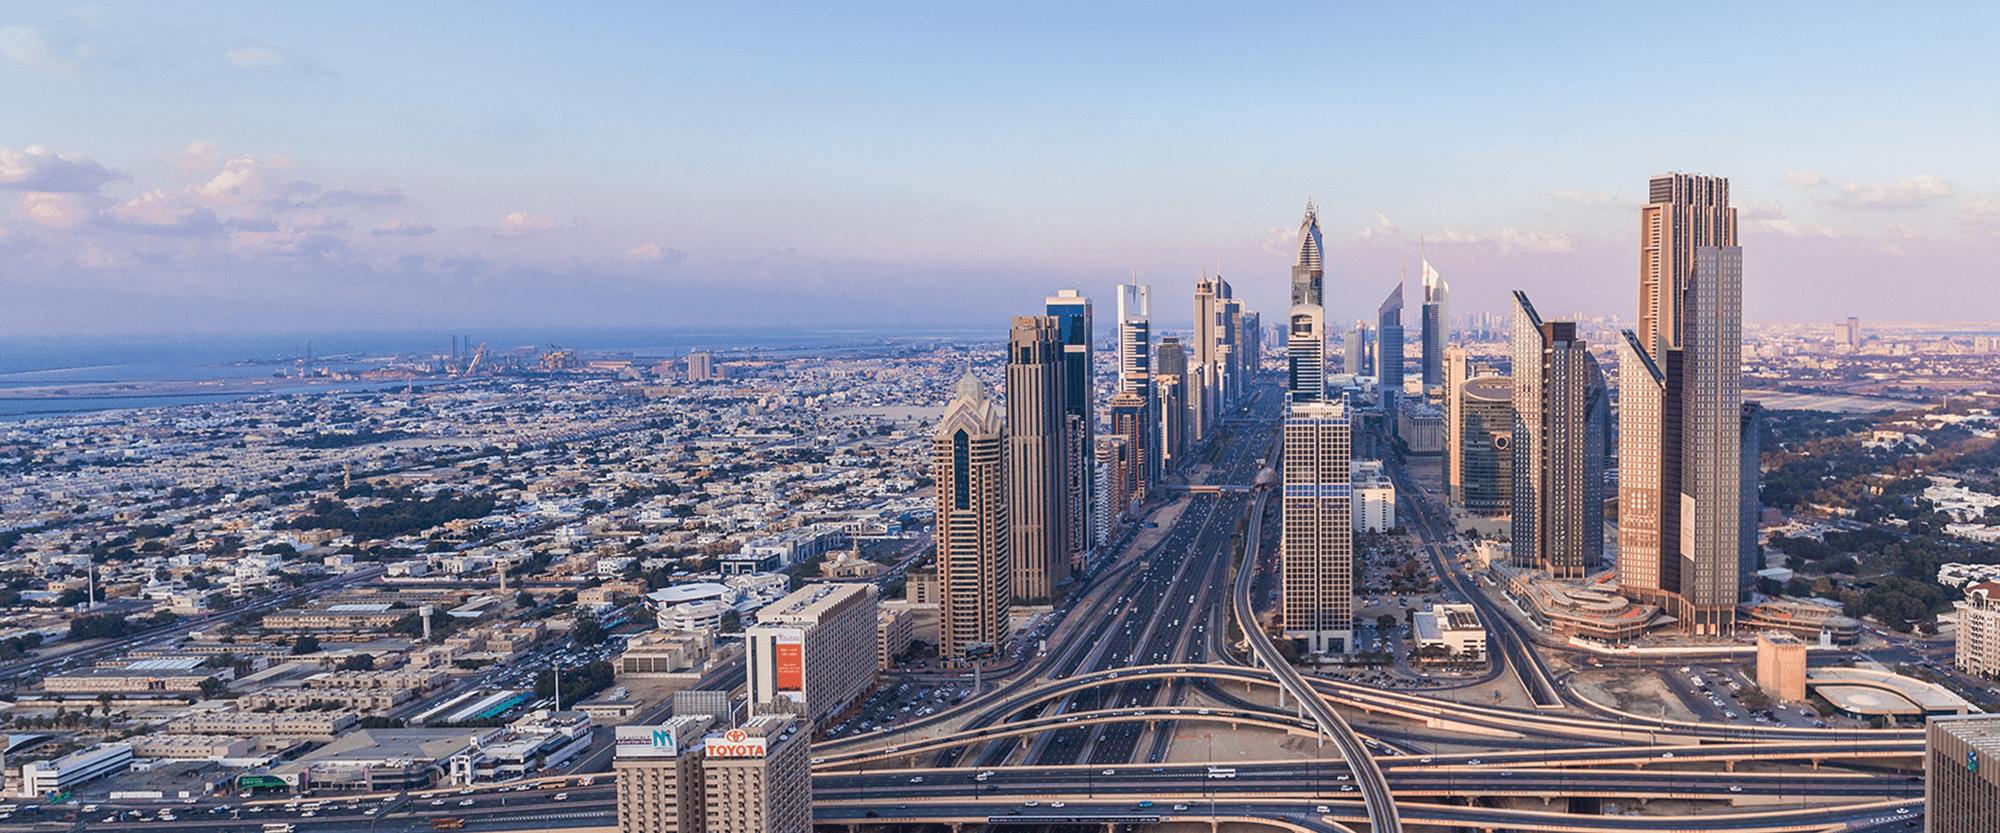 Riyadh city scape